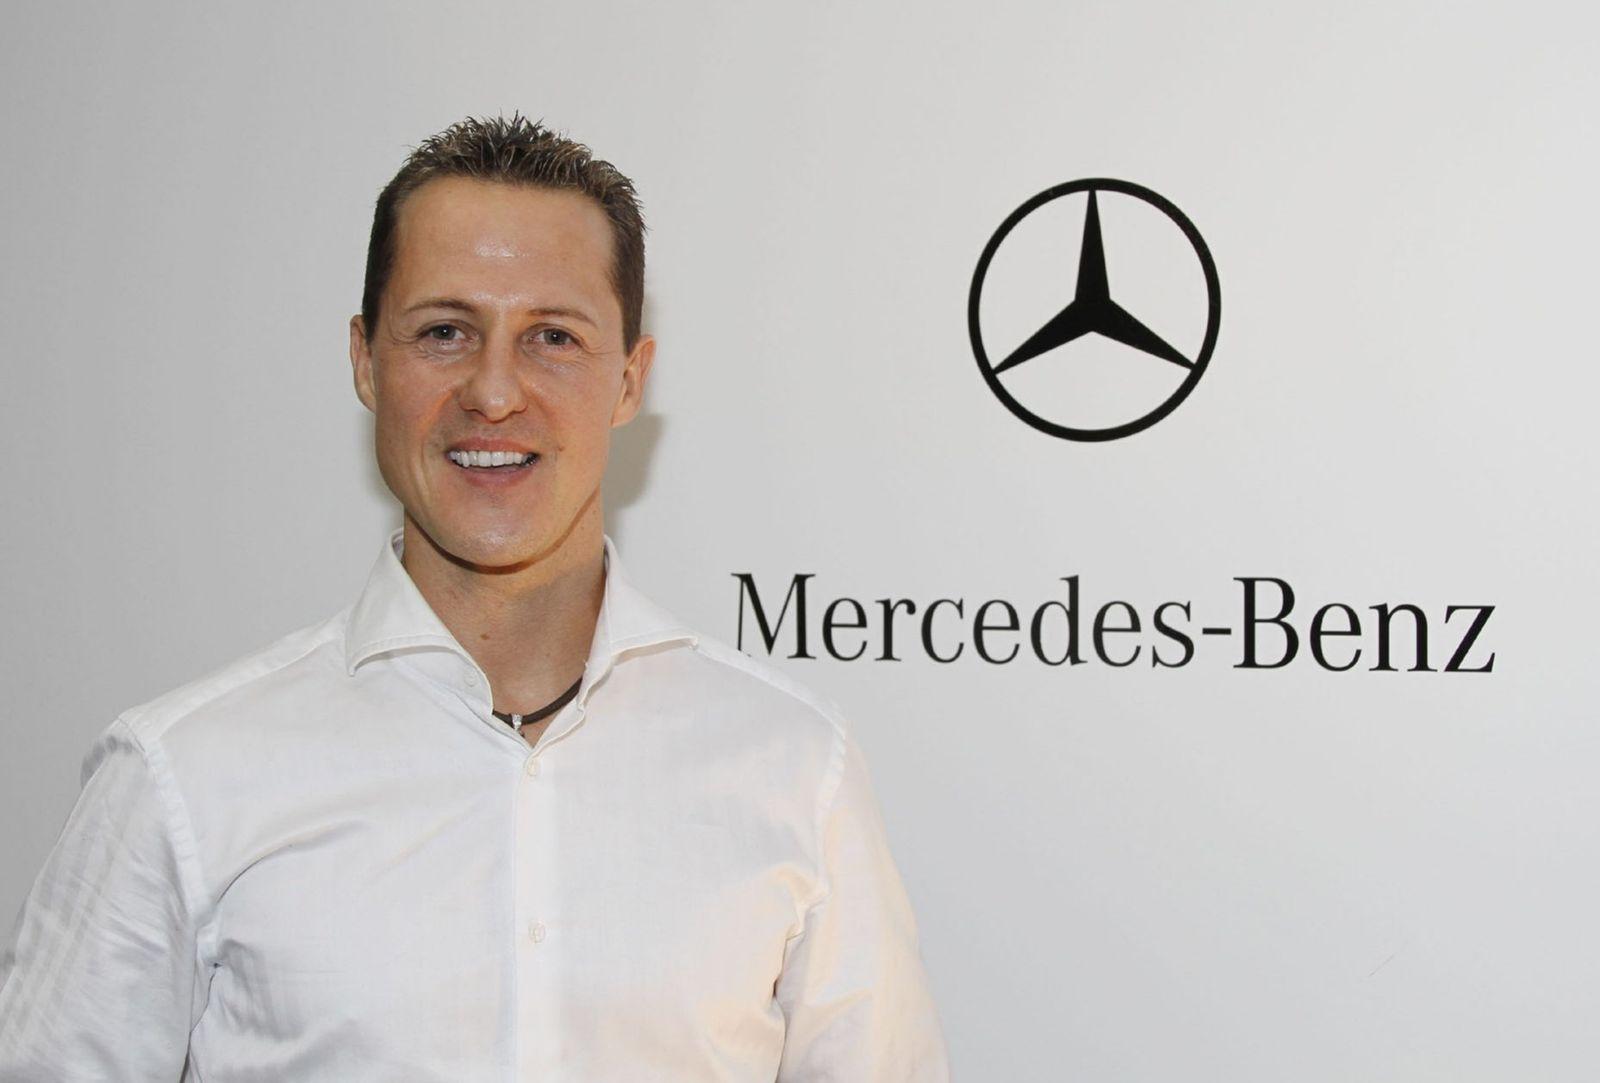 Michael Schumacher kehrt für Mercedes in die Formel 1 zurück